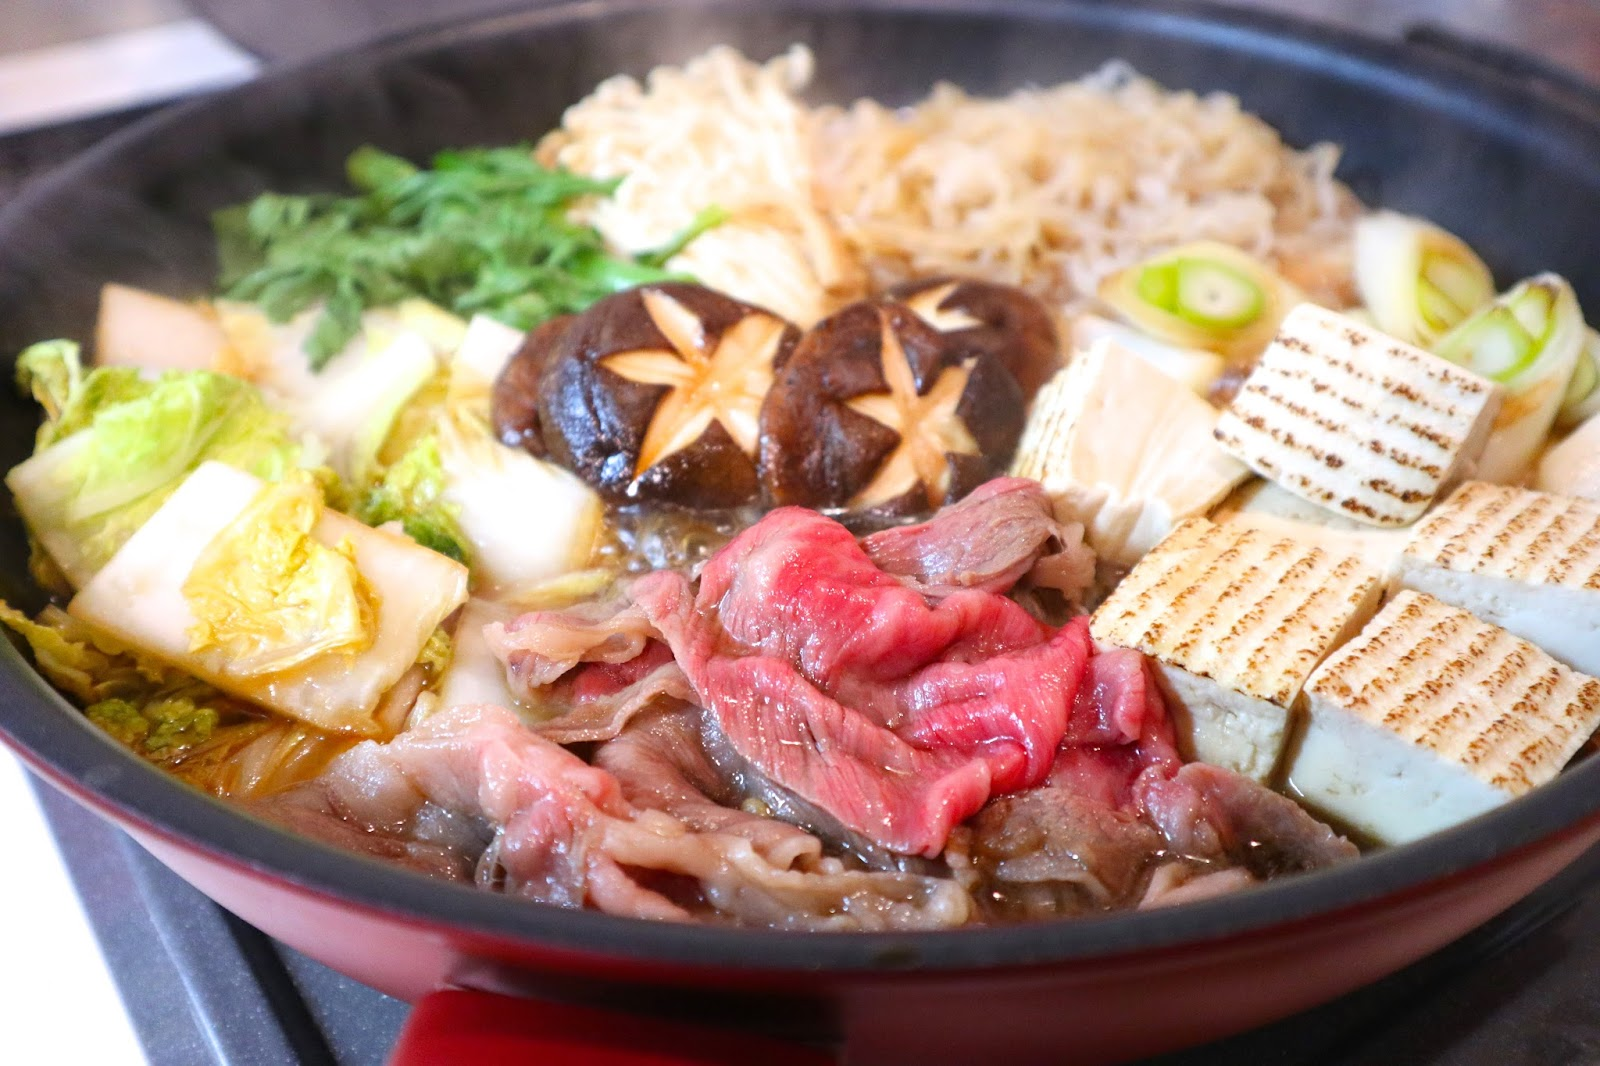 てっちゃんちのおいしい献立 大好きな近江牛ですき焼き&実家へ